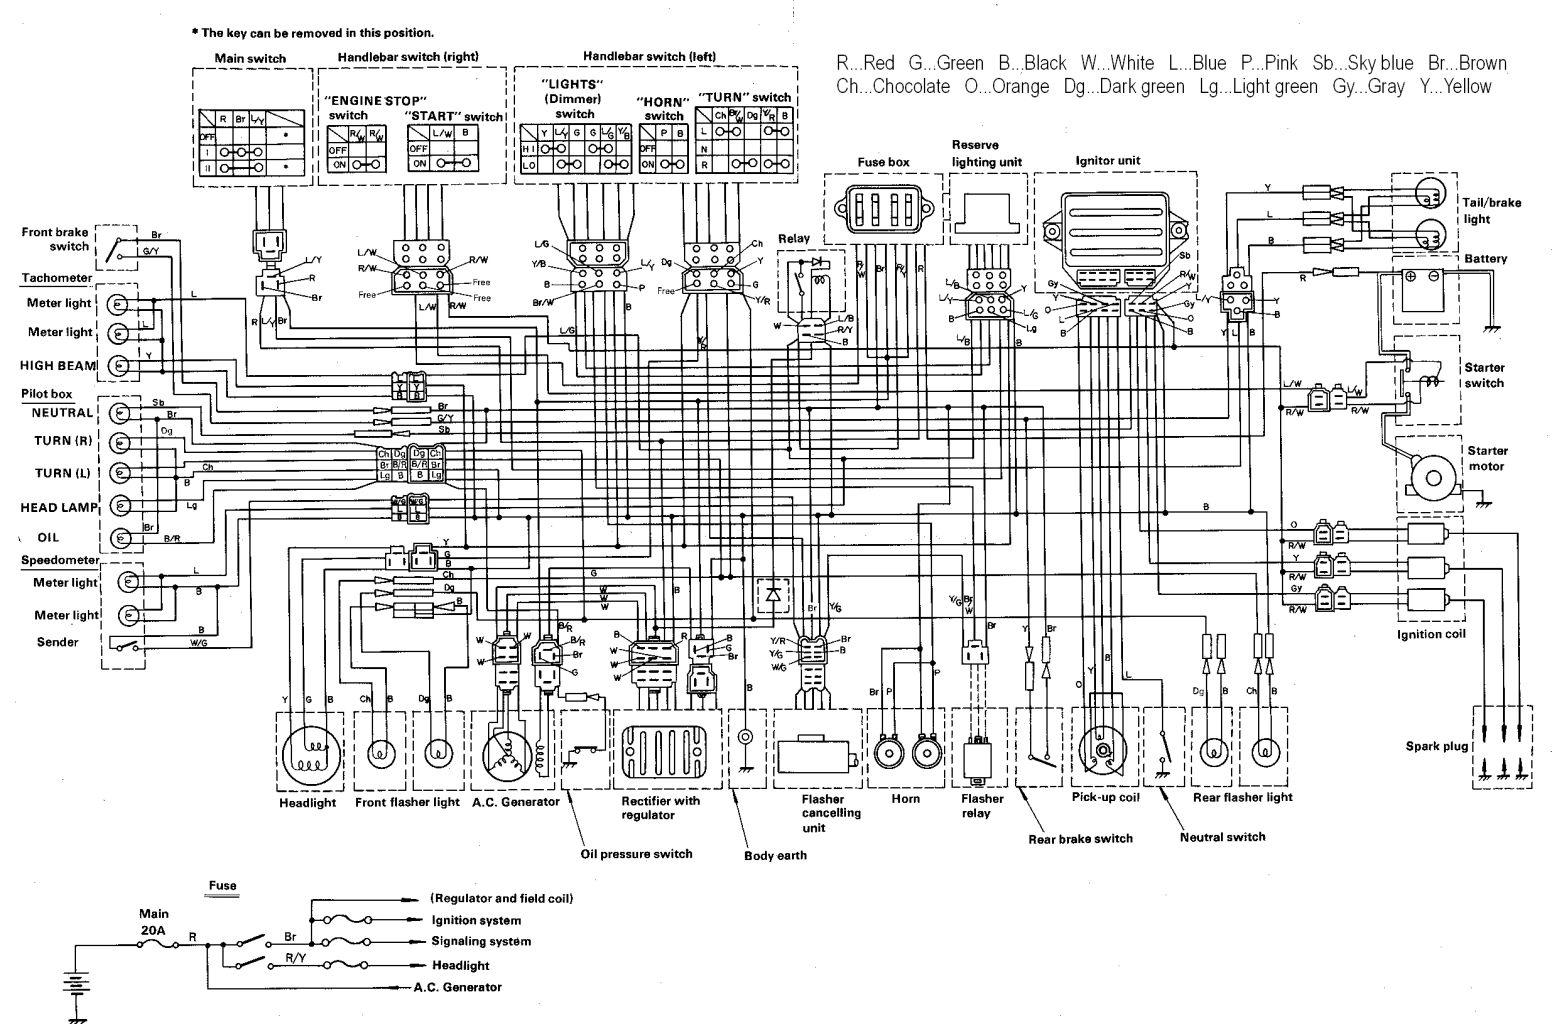 Schema Electrique Fz 750